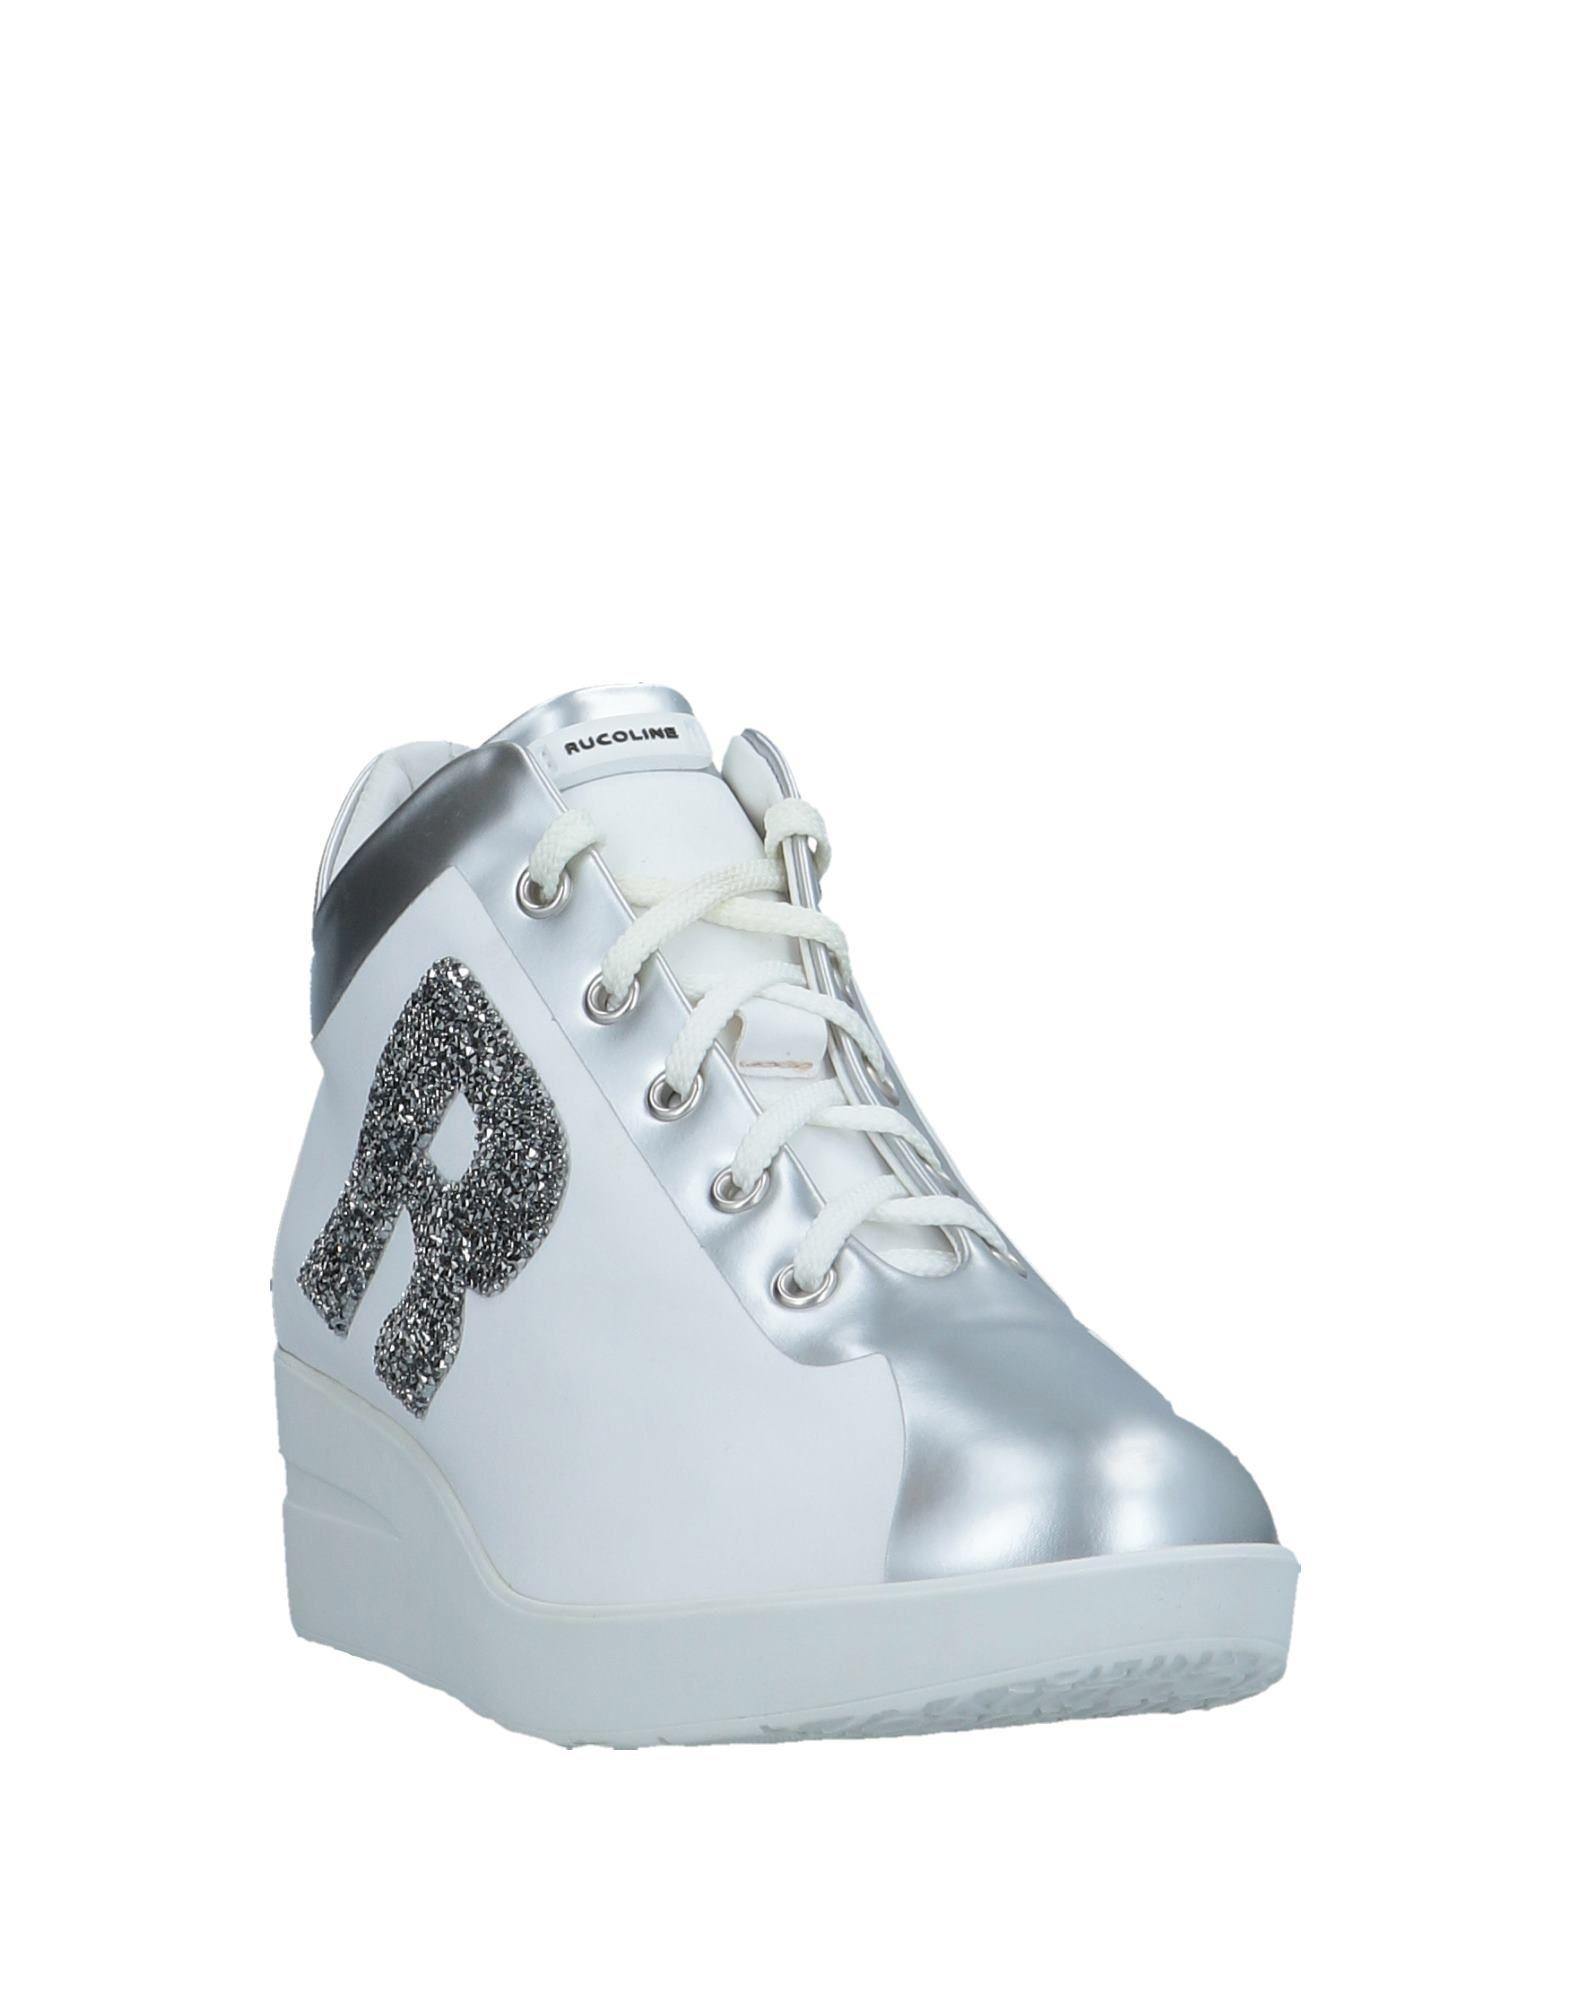 Ruco Sneakers Line Sneakers Ruco Damen Gutes Preis-Leistungs-Verhältnis, es lohnt sich 421d34